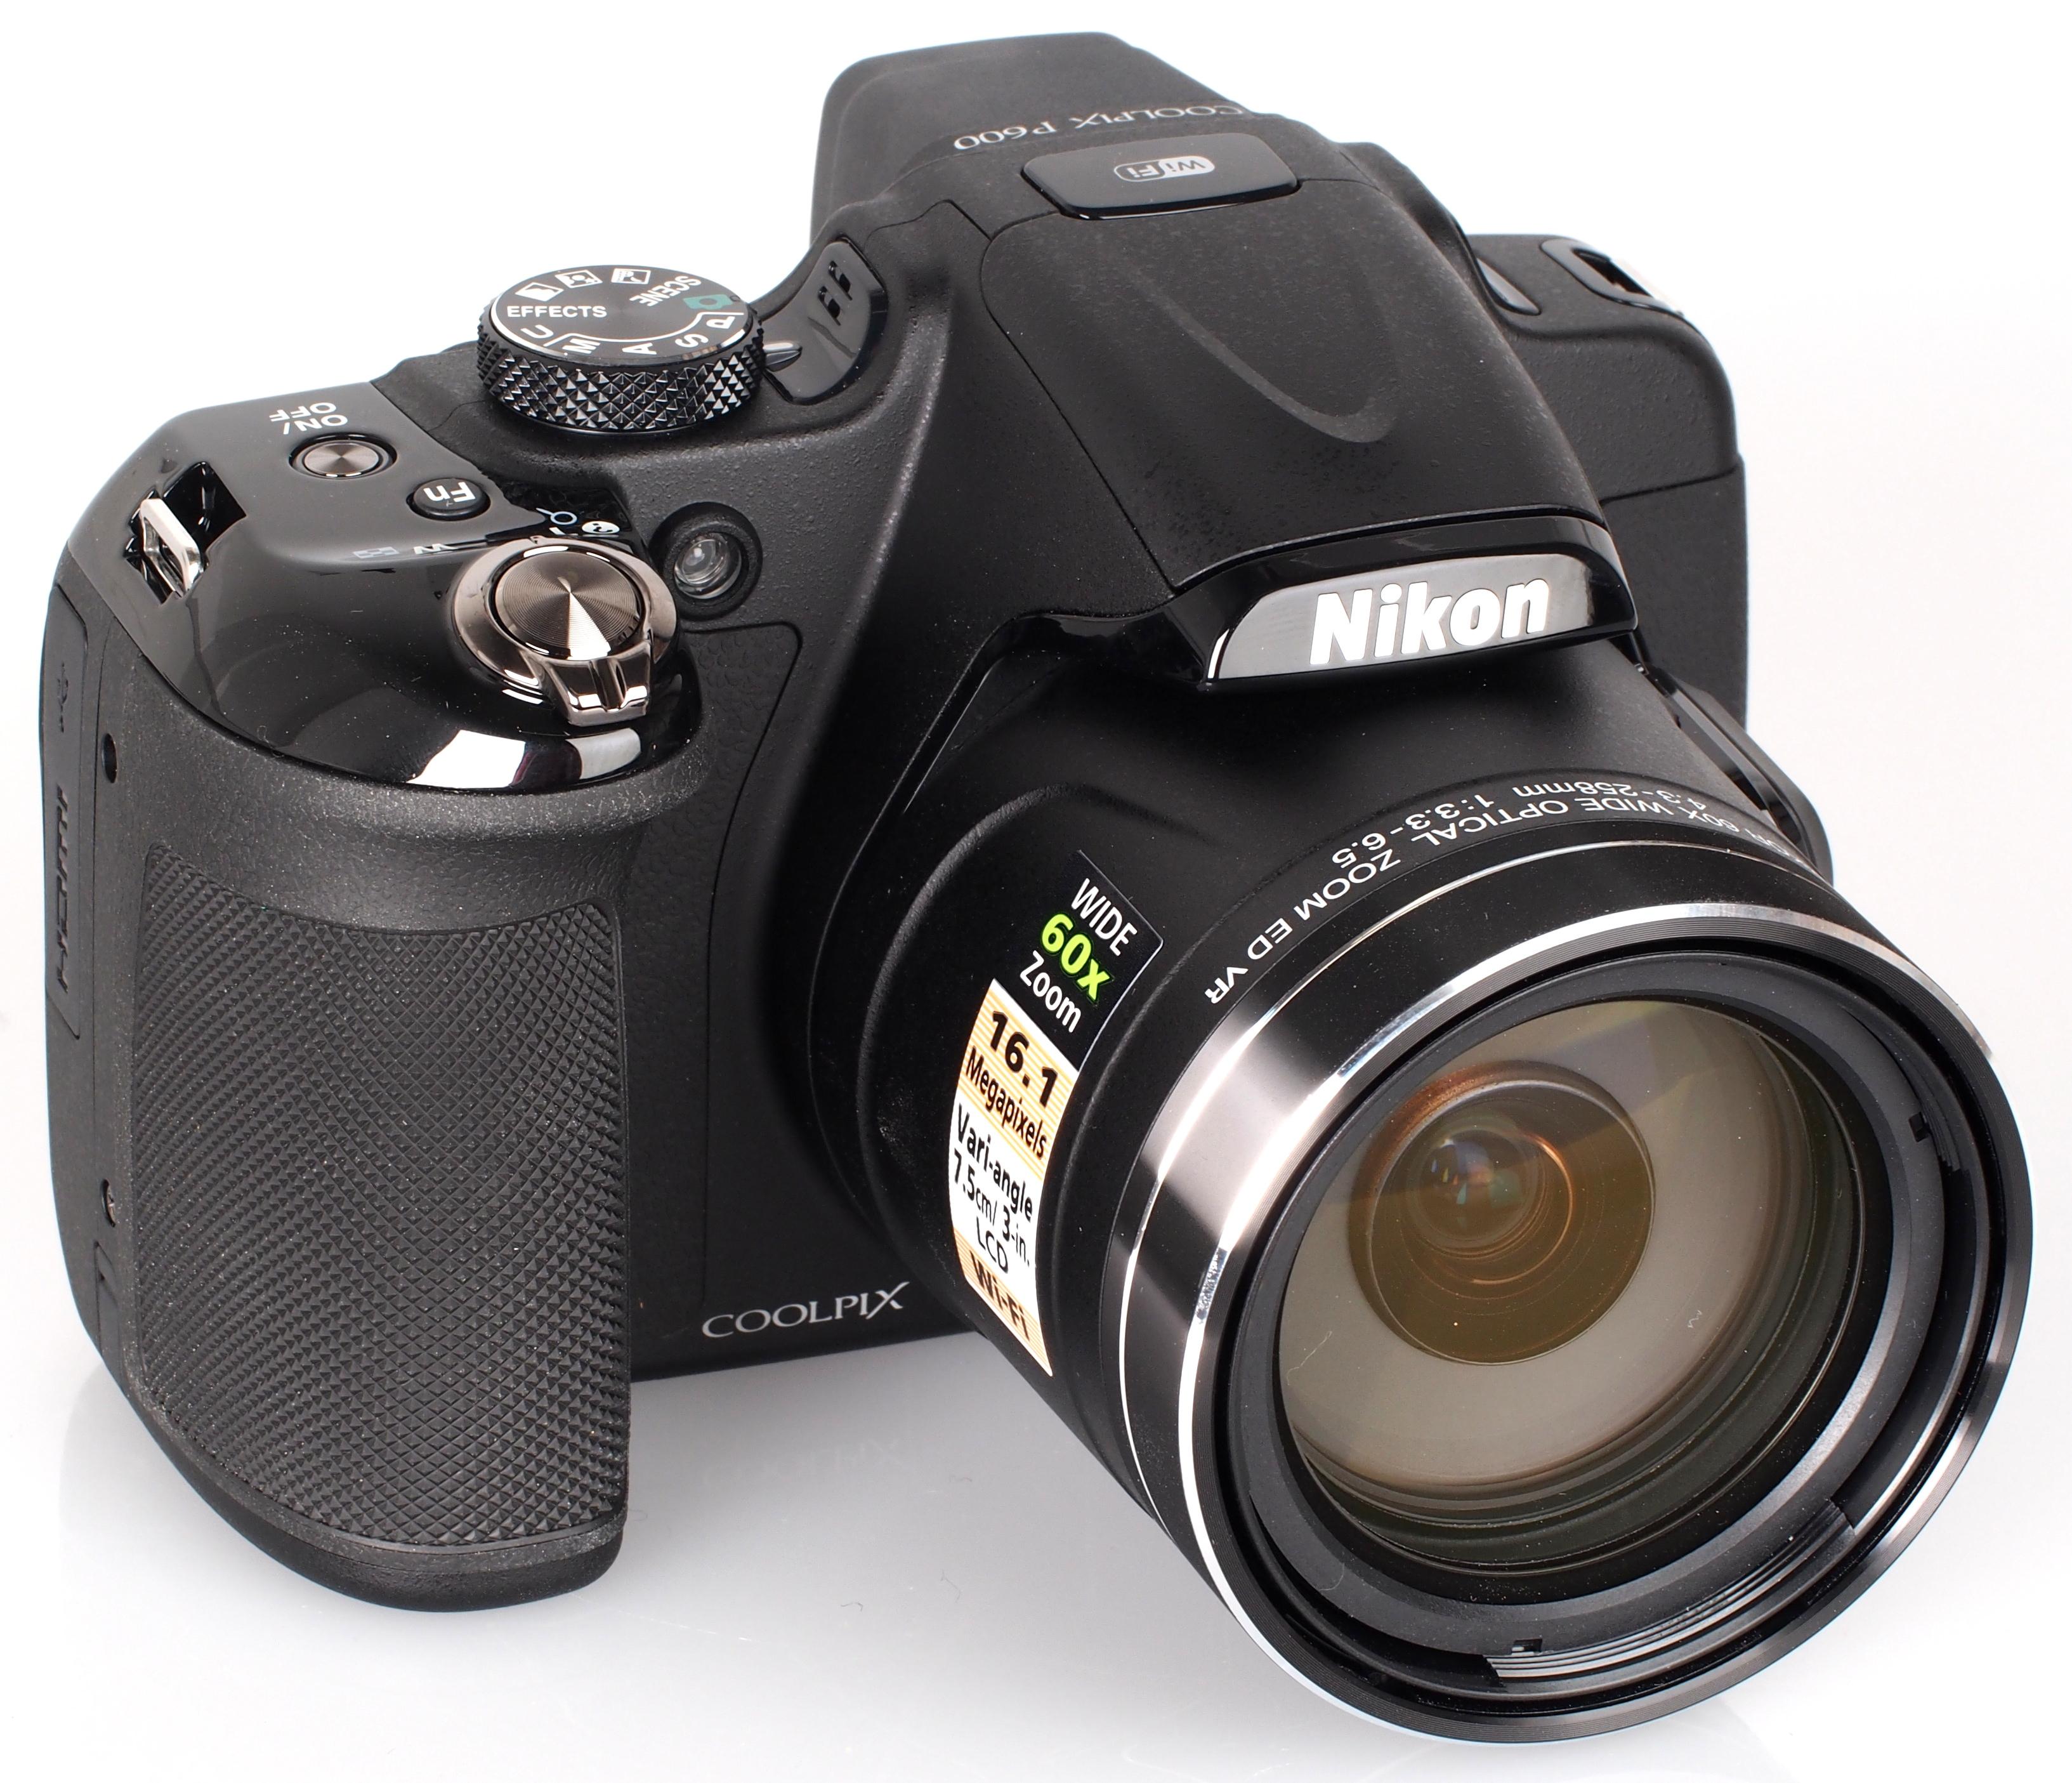 Nikon COOLPIX P600 Camera Driver Download (2019)